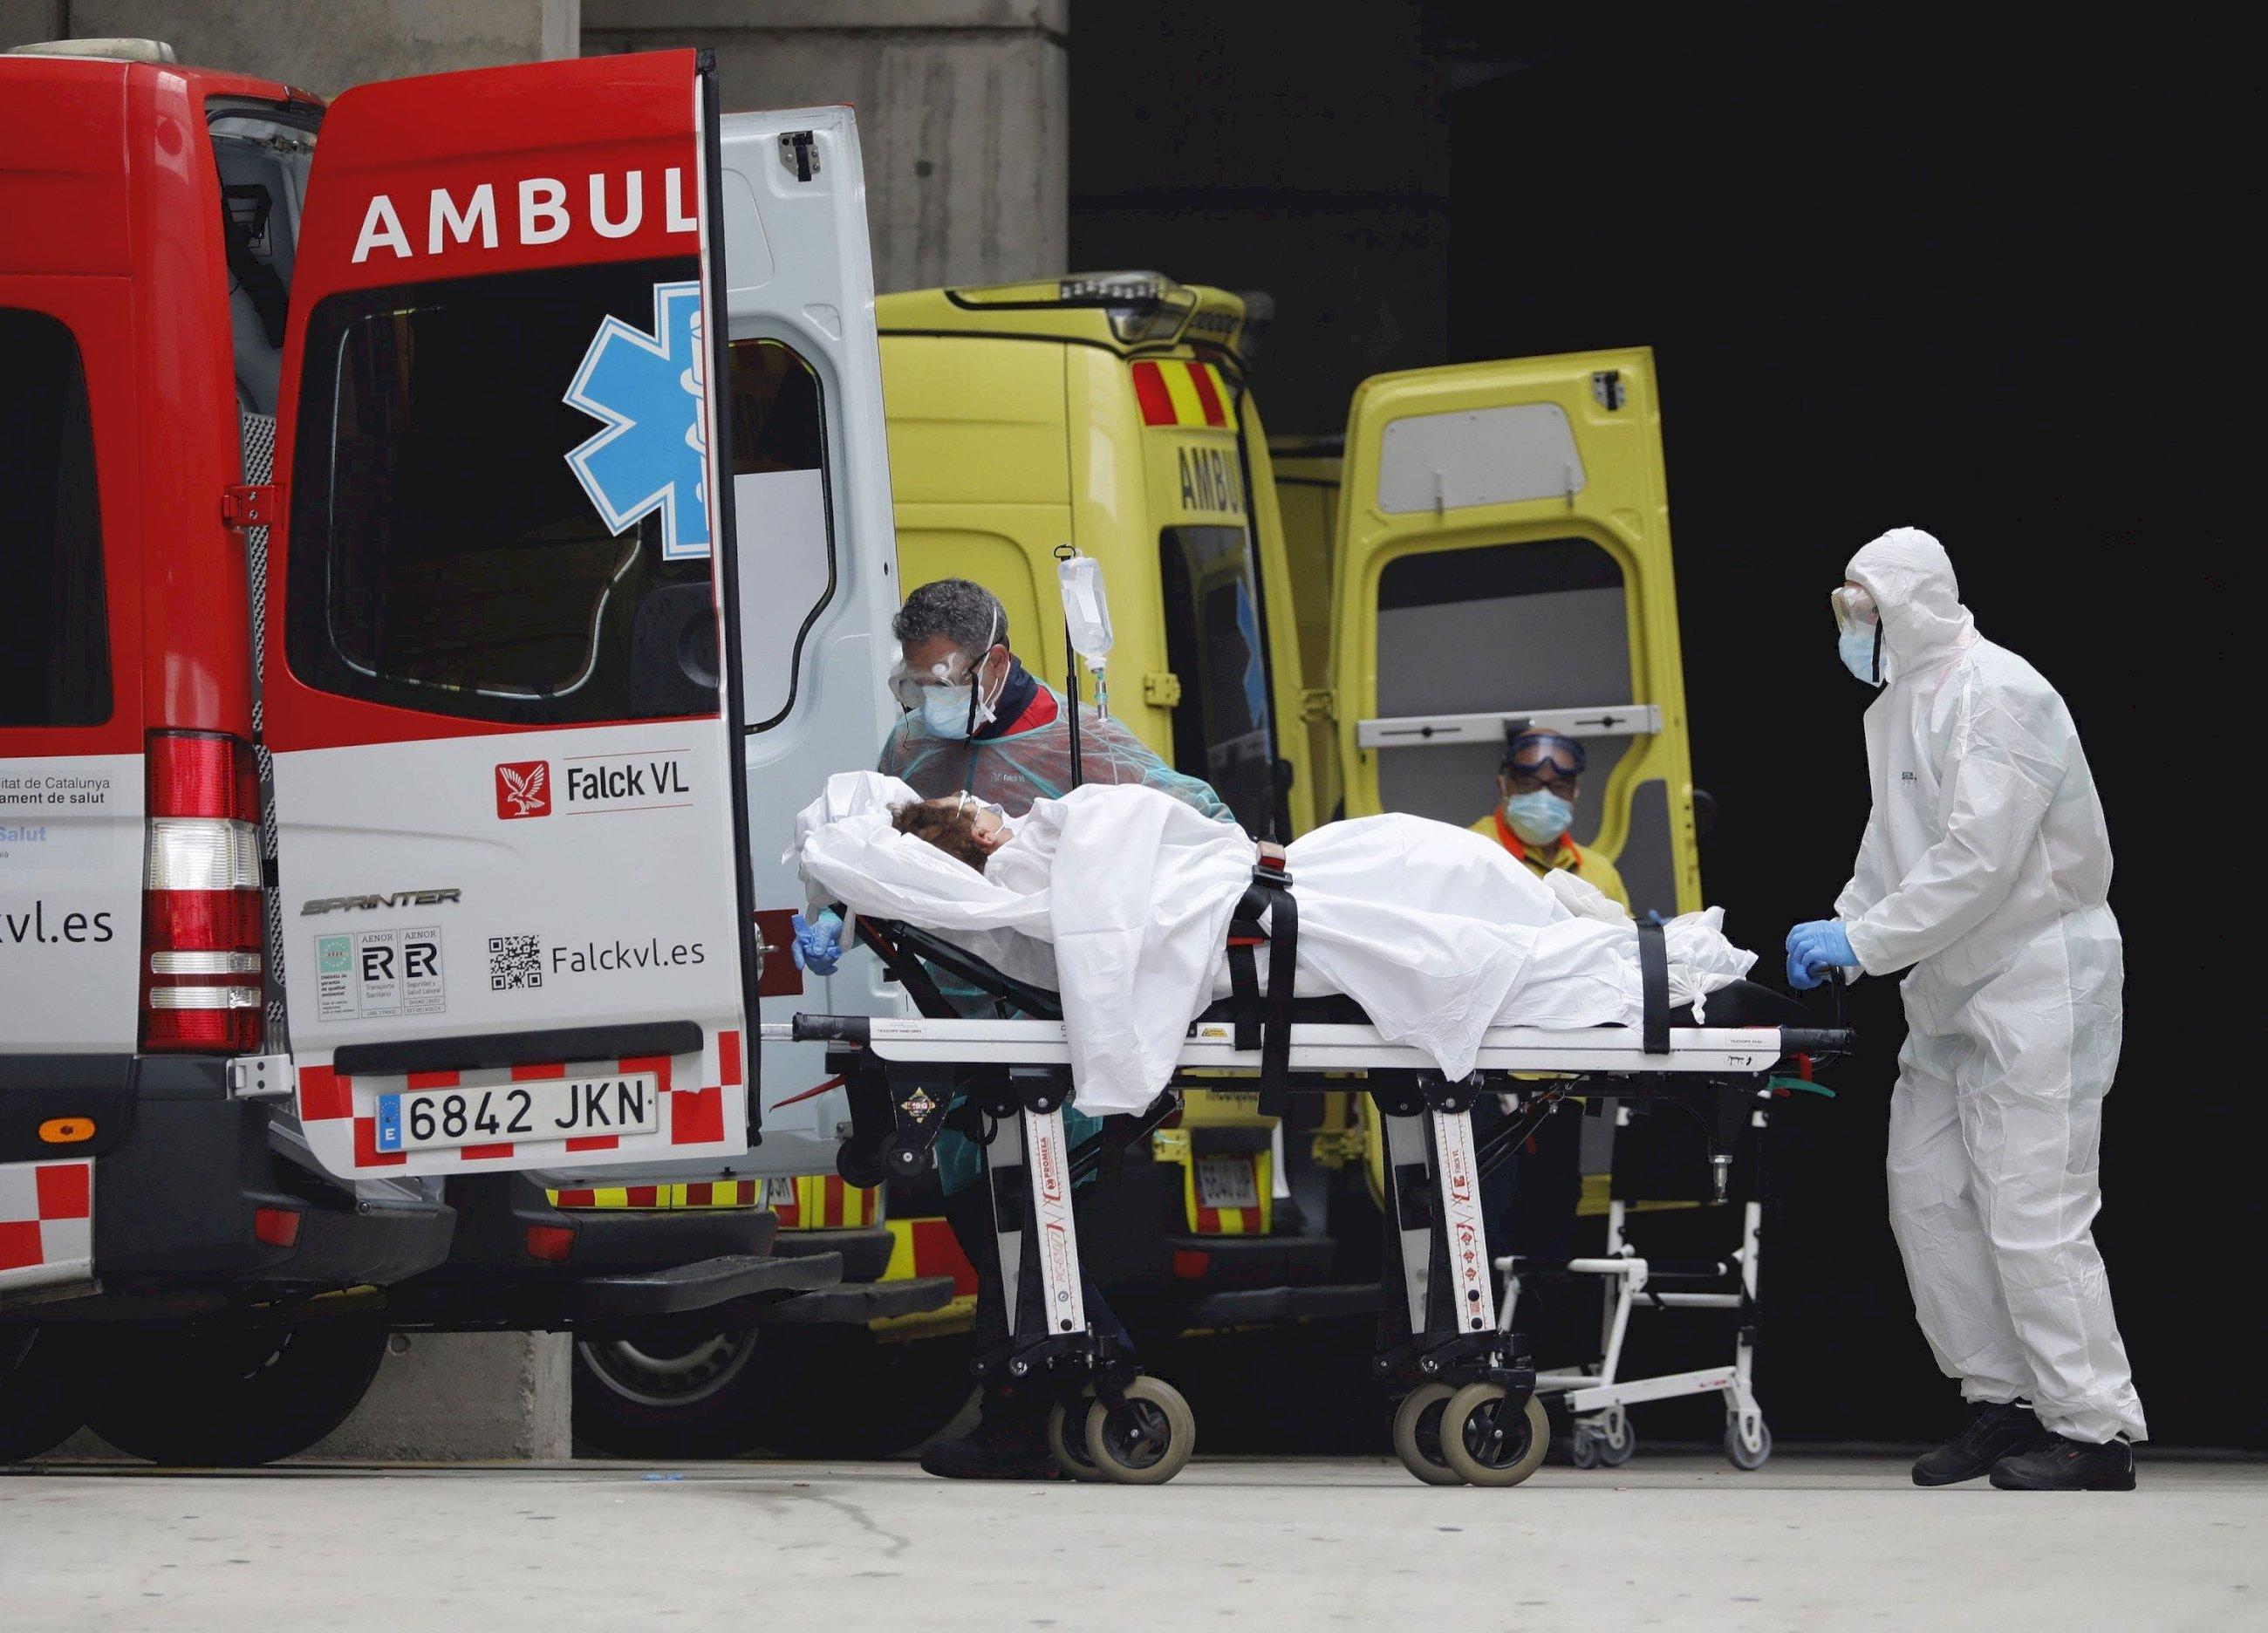 España contabilizó 492.930 muertes en 2020, el primer año de pandemia de coronavirus./ EFE